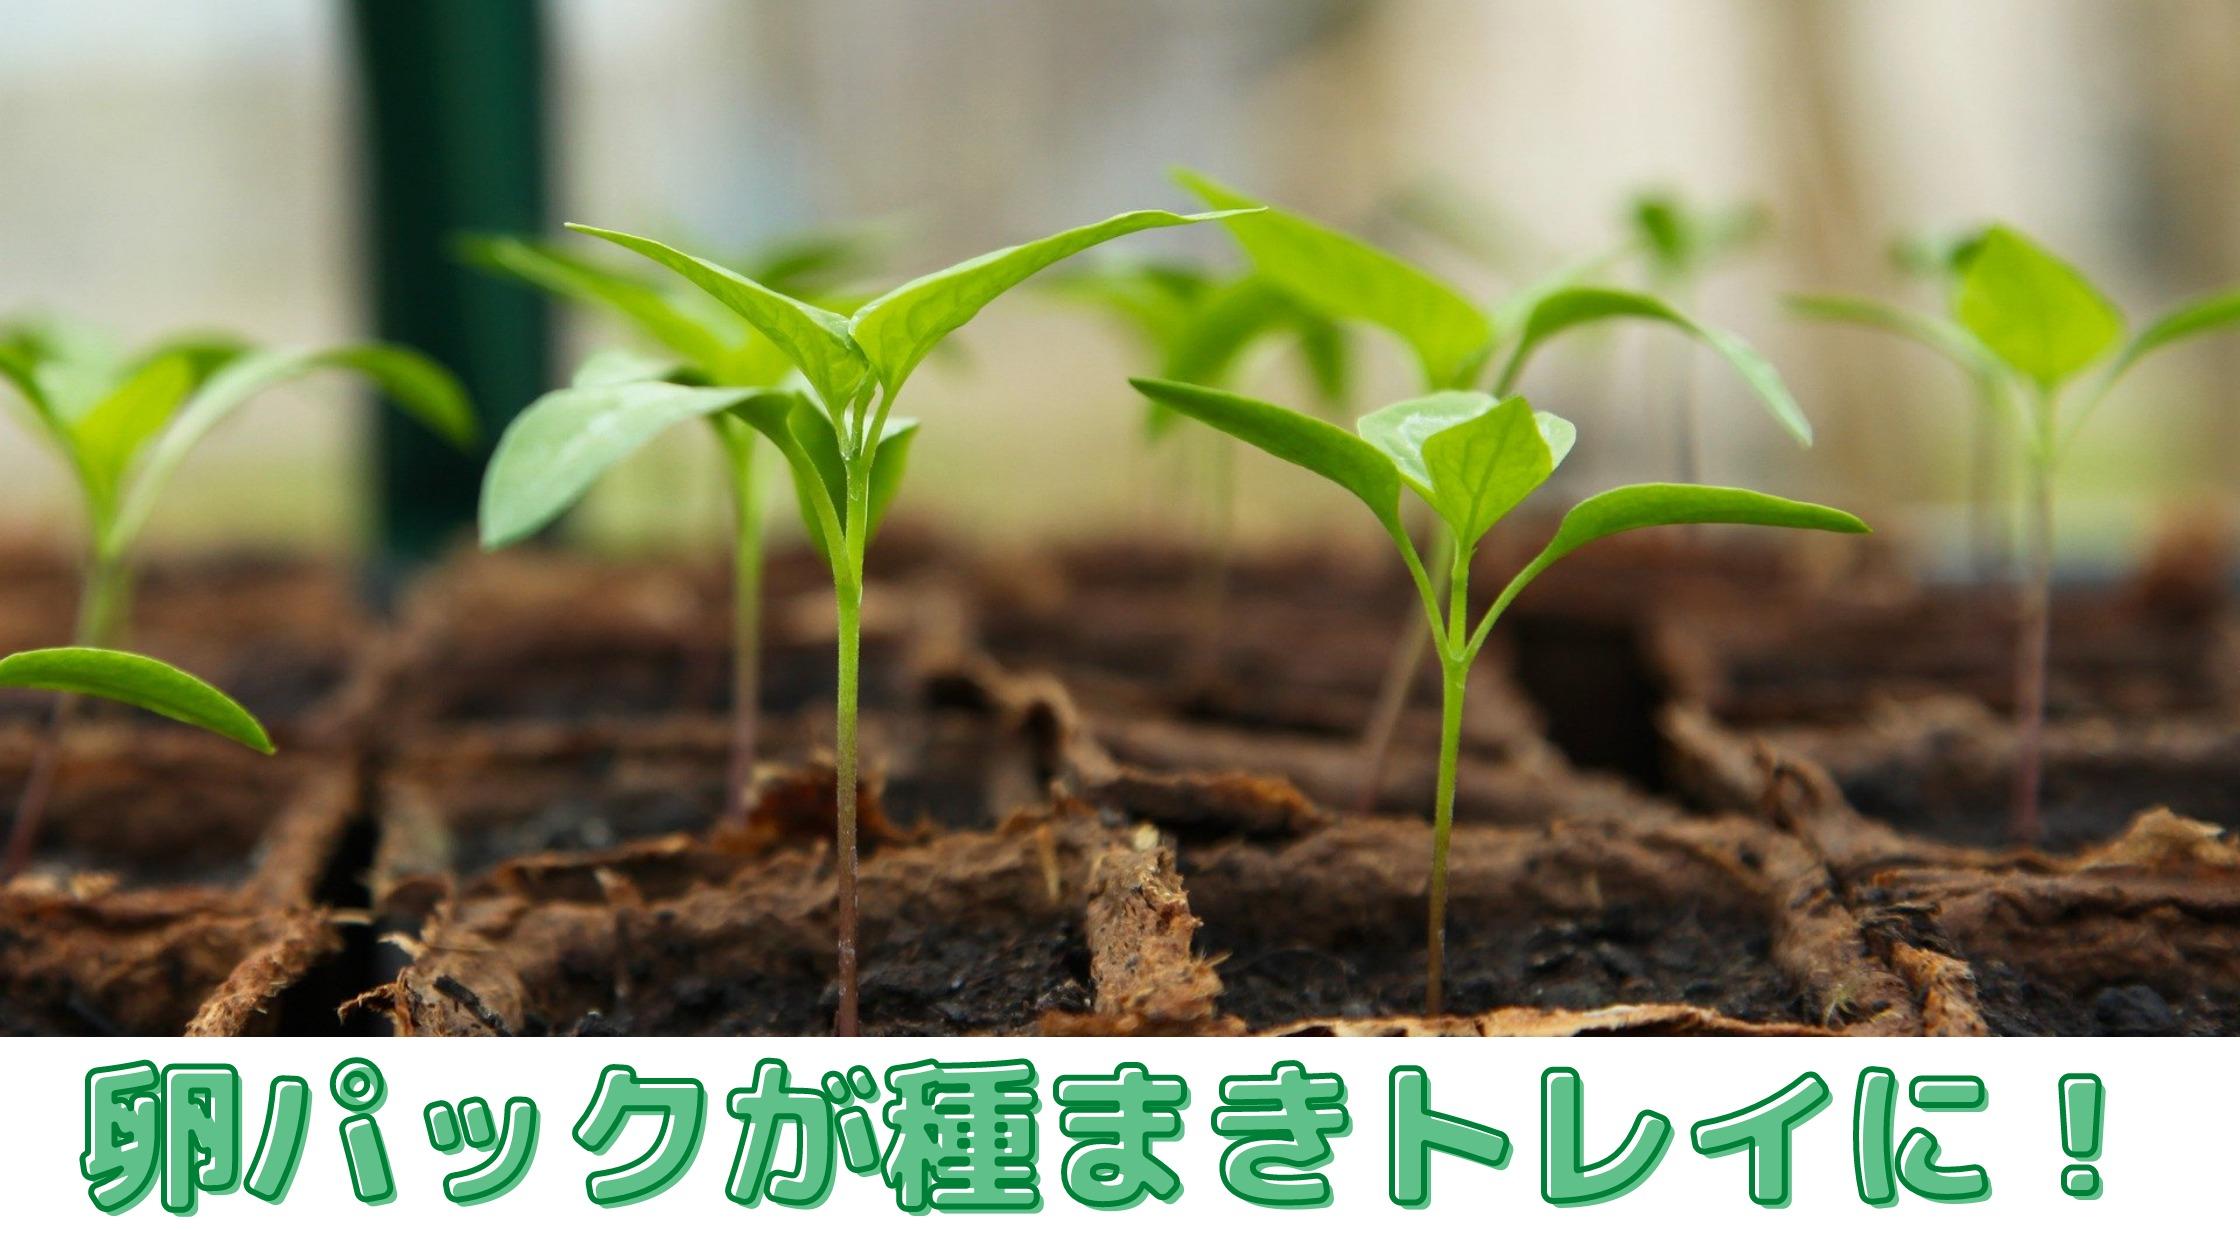 家庭菜園での種まきトレイの代用は【卵パック】を再利用・リサイクル